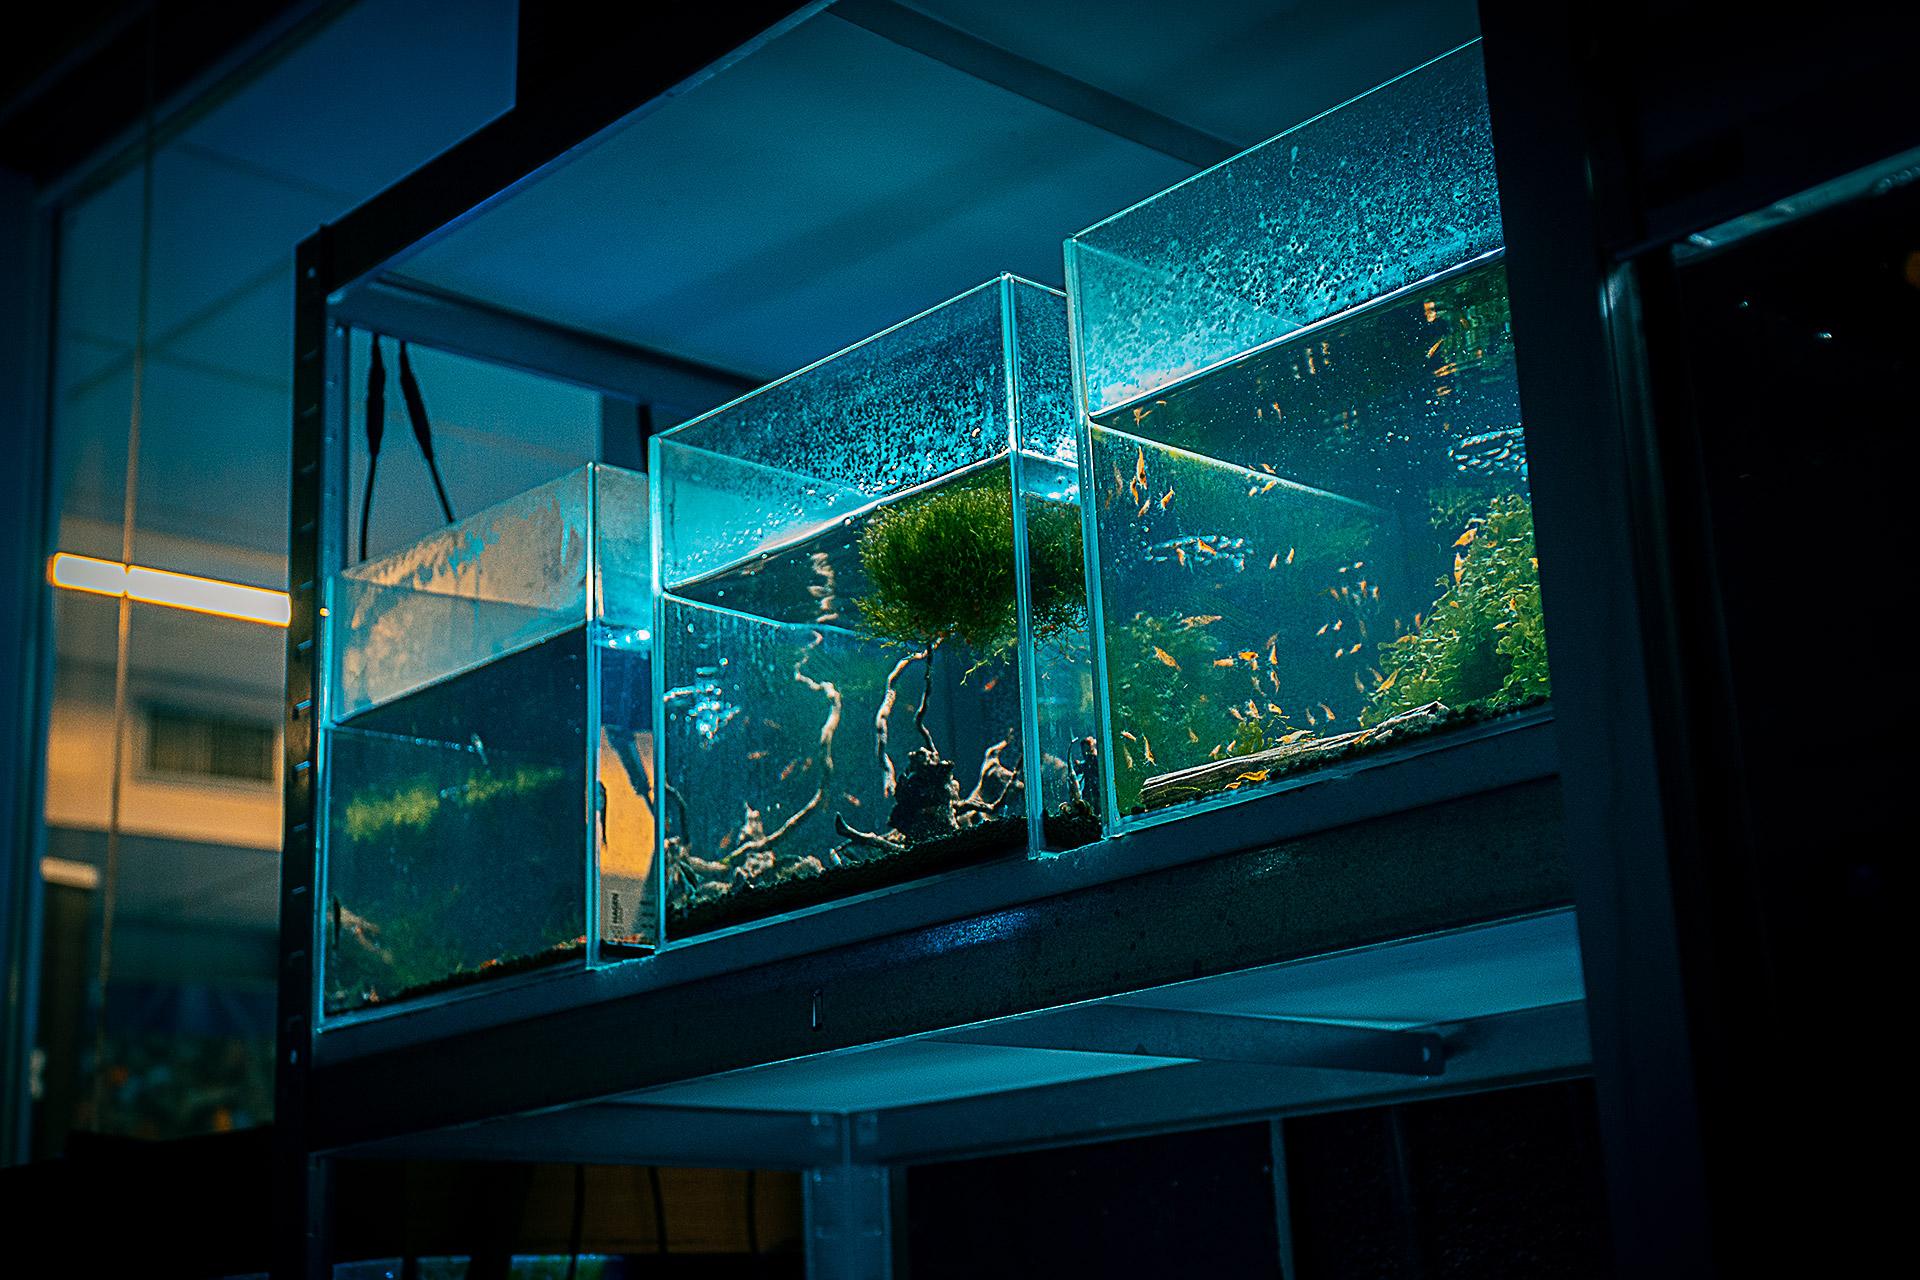 siergarnalen aquarium, crystal reds, vuurgarnalen , japonica garnalen